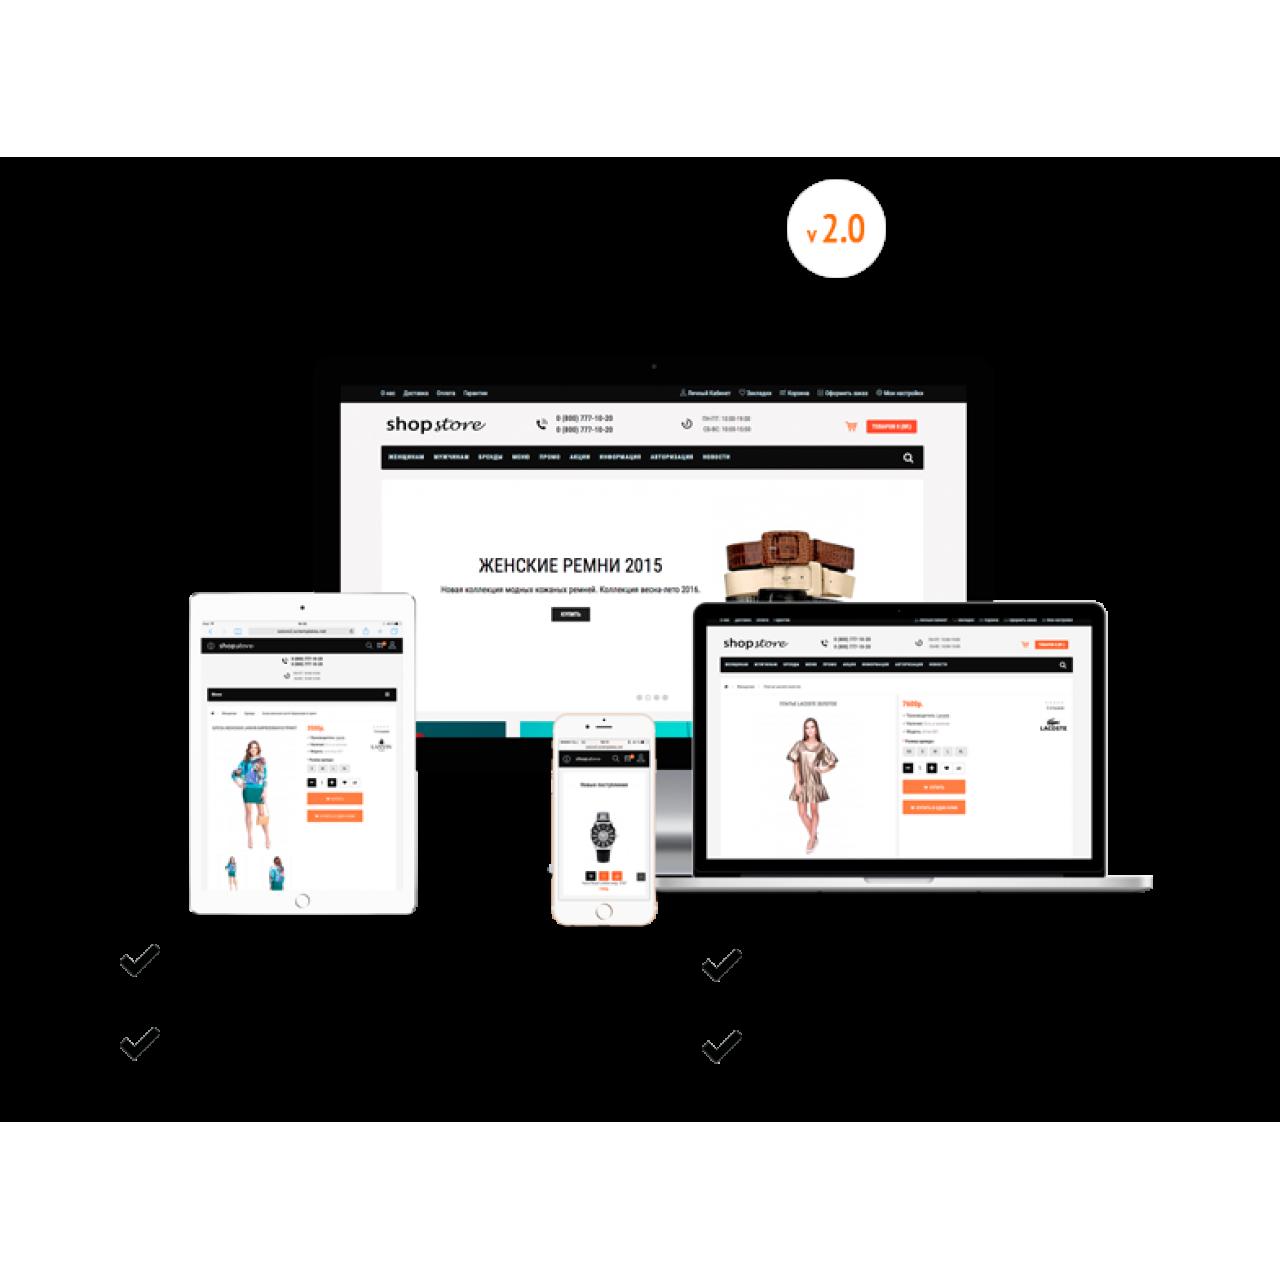 Интернет-магазин на основе шаблона Shop-store 2 из категории Готовые магазины для CMS OpenCart (ОпенКарт)